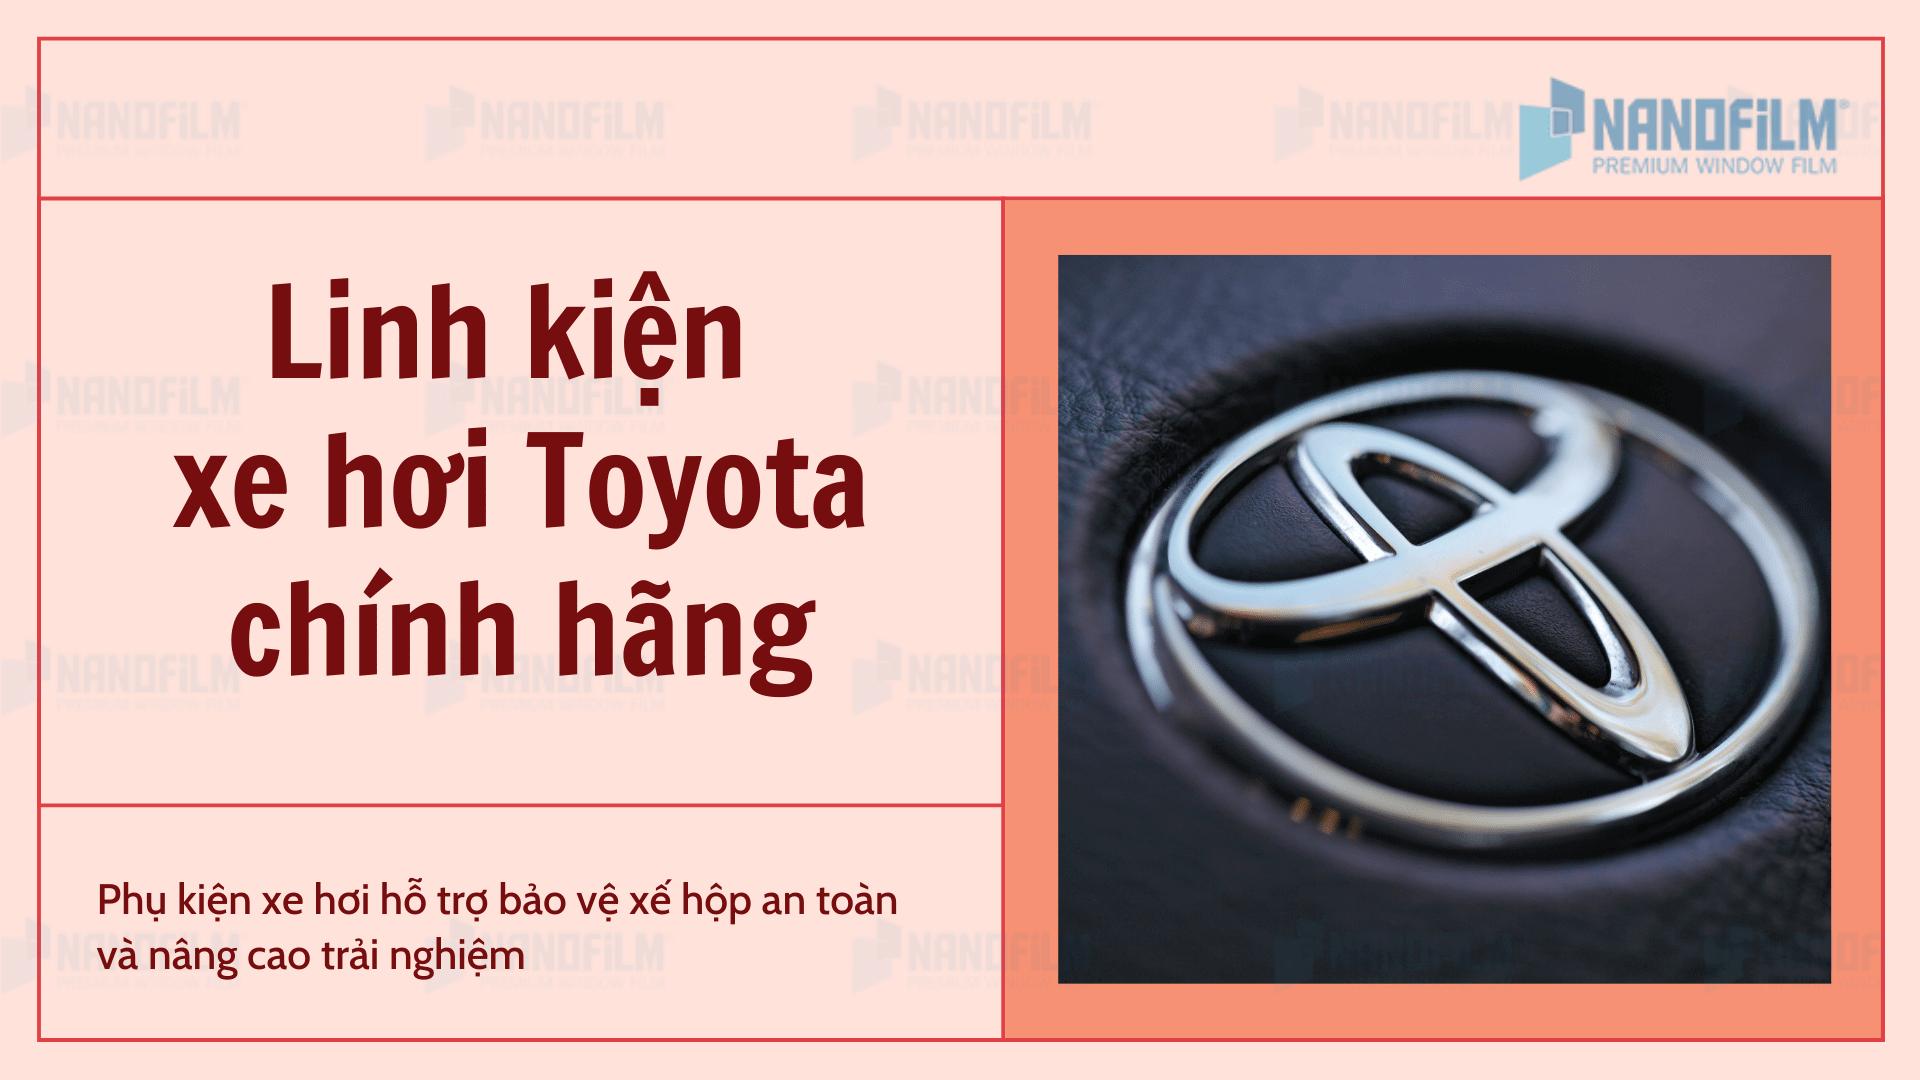 Lưu ý để mua linh kiện xe hơi Toyota chính hãng